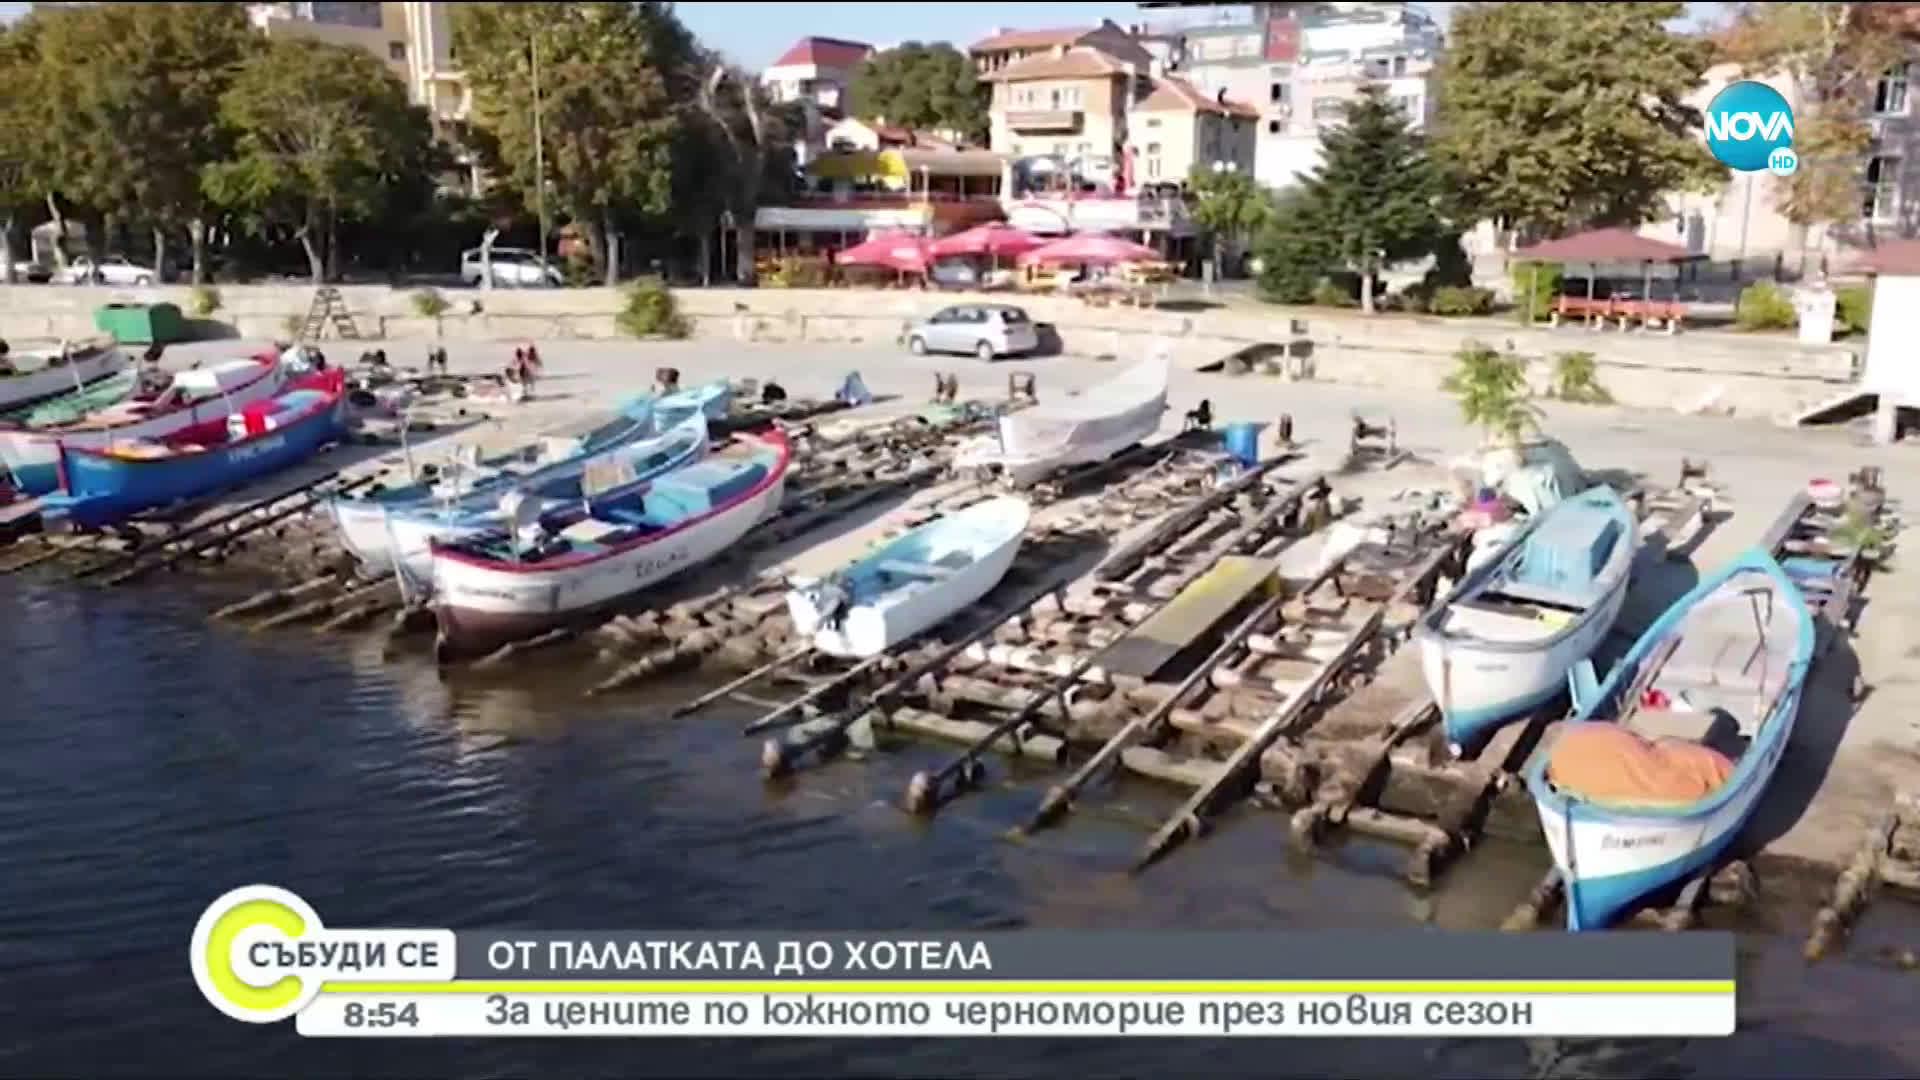 Какви ще бъдат цените по Южното Черноморие през новия сезон